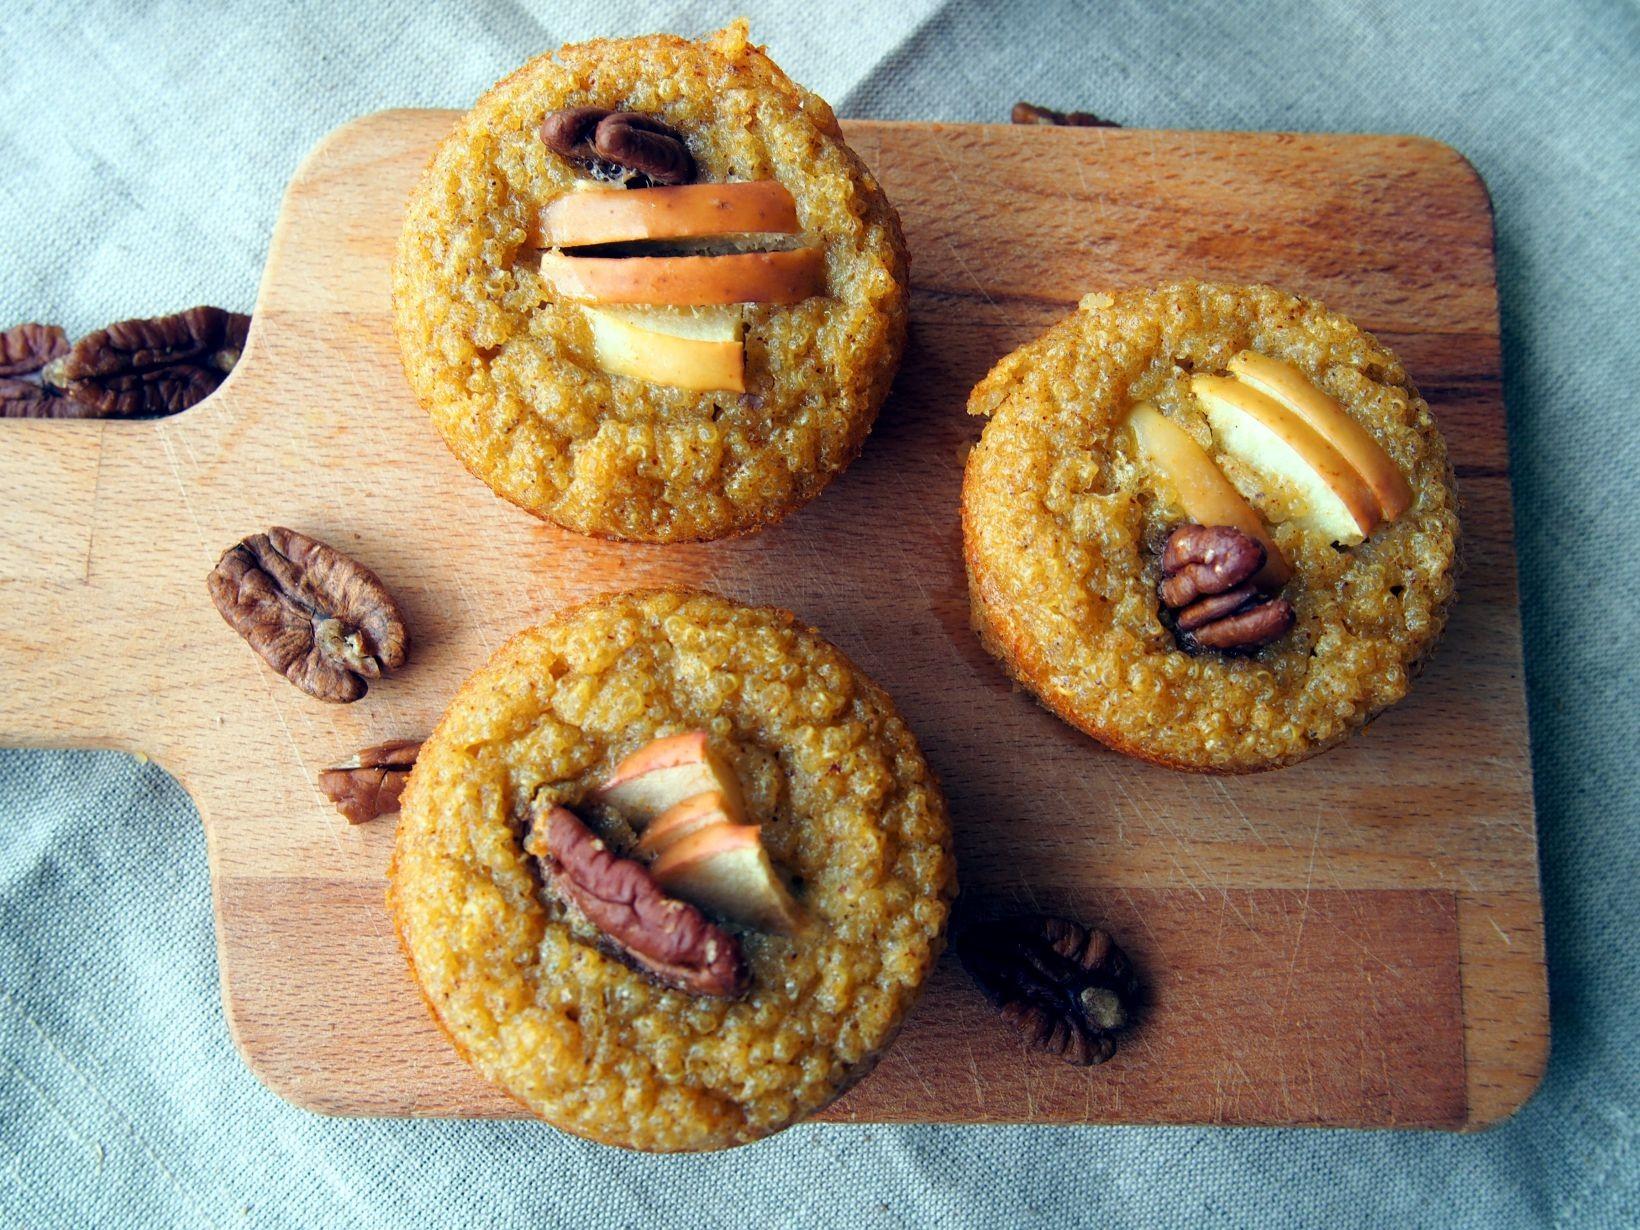 quinoamuffins med äpple och kanel